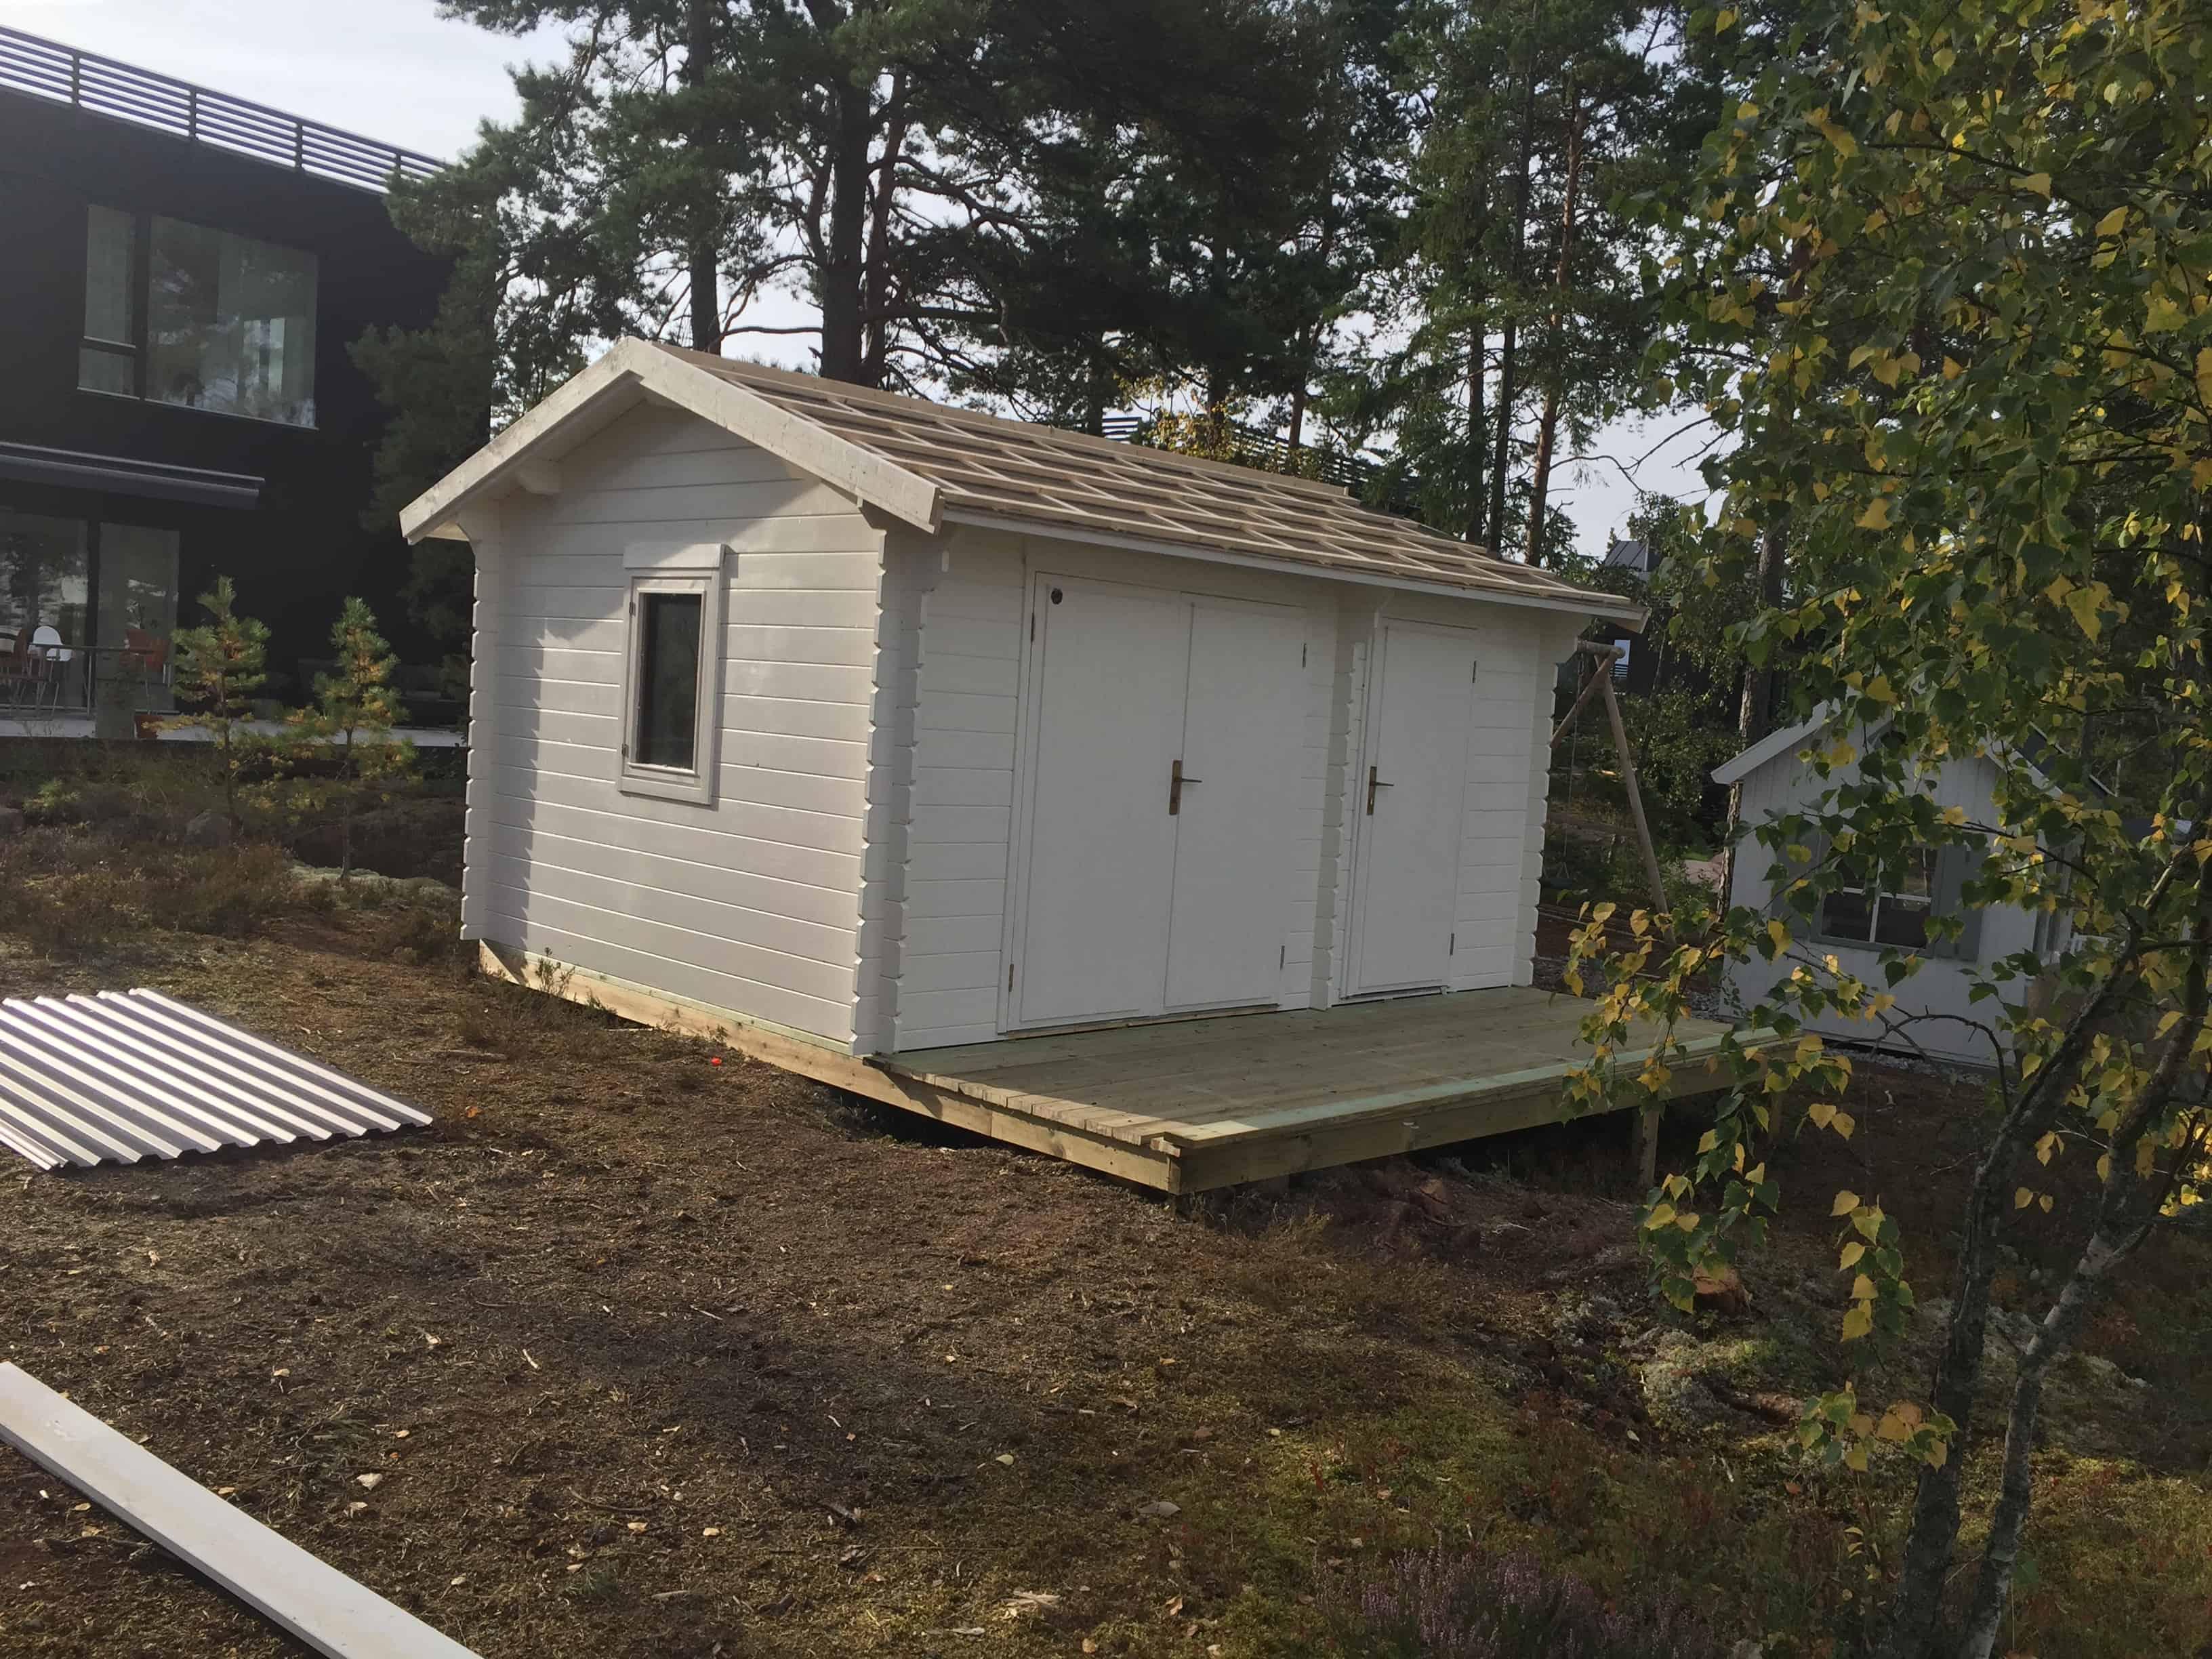 """Referensjobb """"Bygge av friggebod"""" utfört av INB Byggtjänster och städ Handelsbolag"""